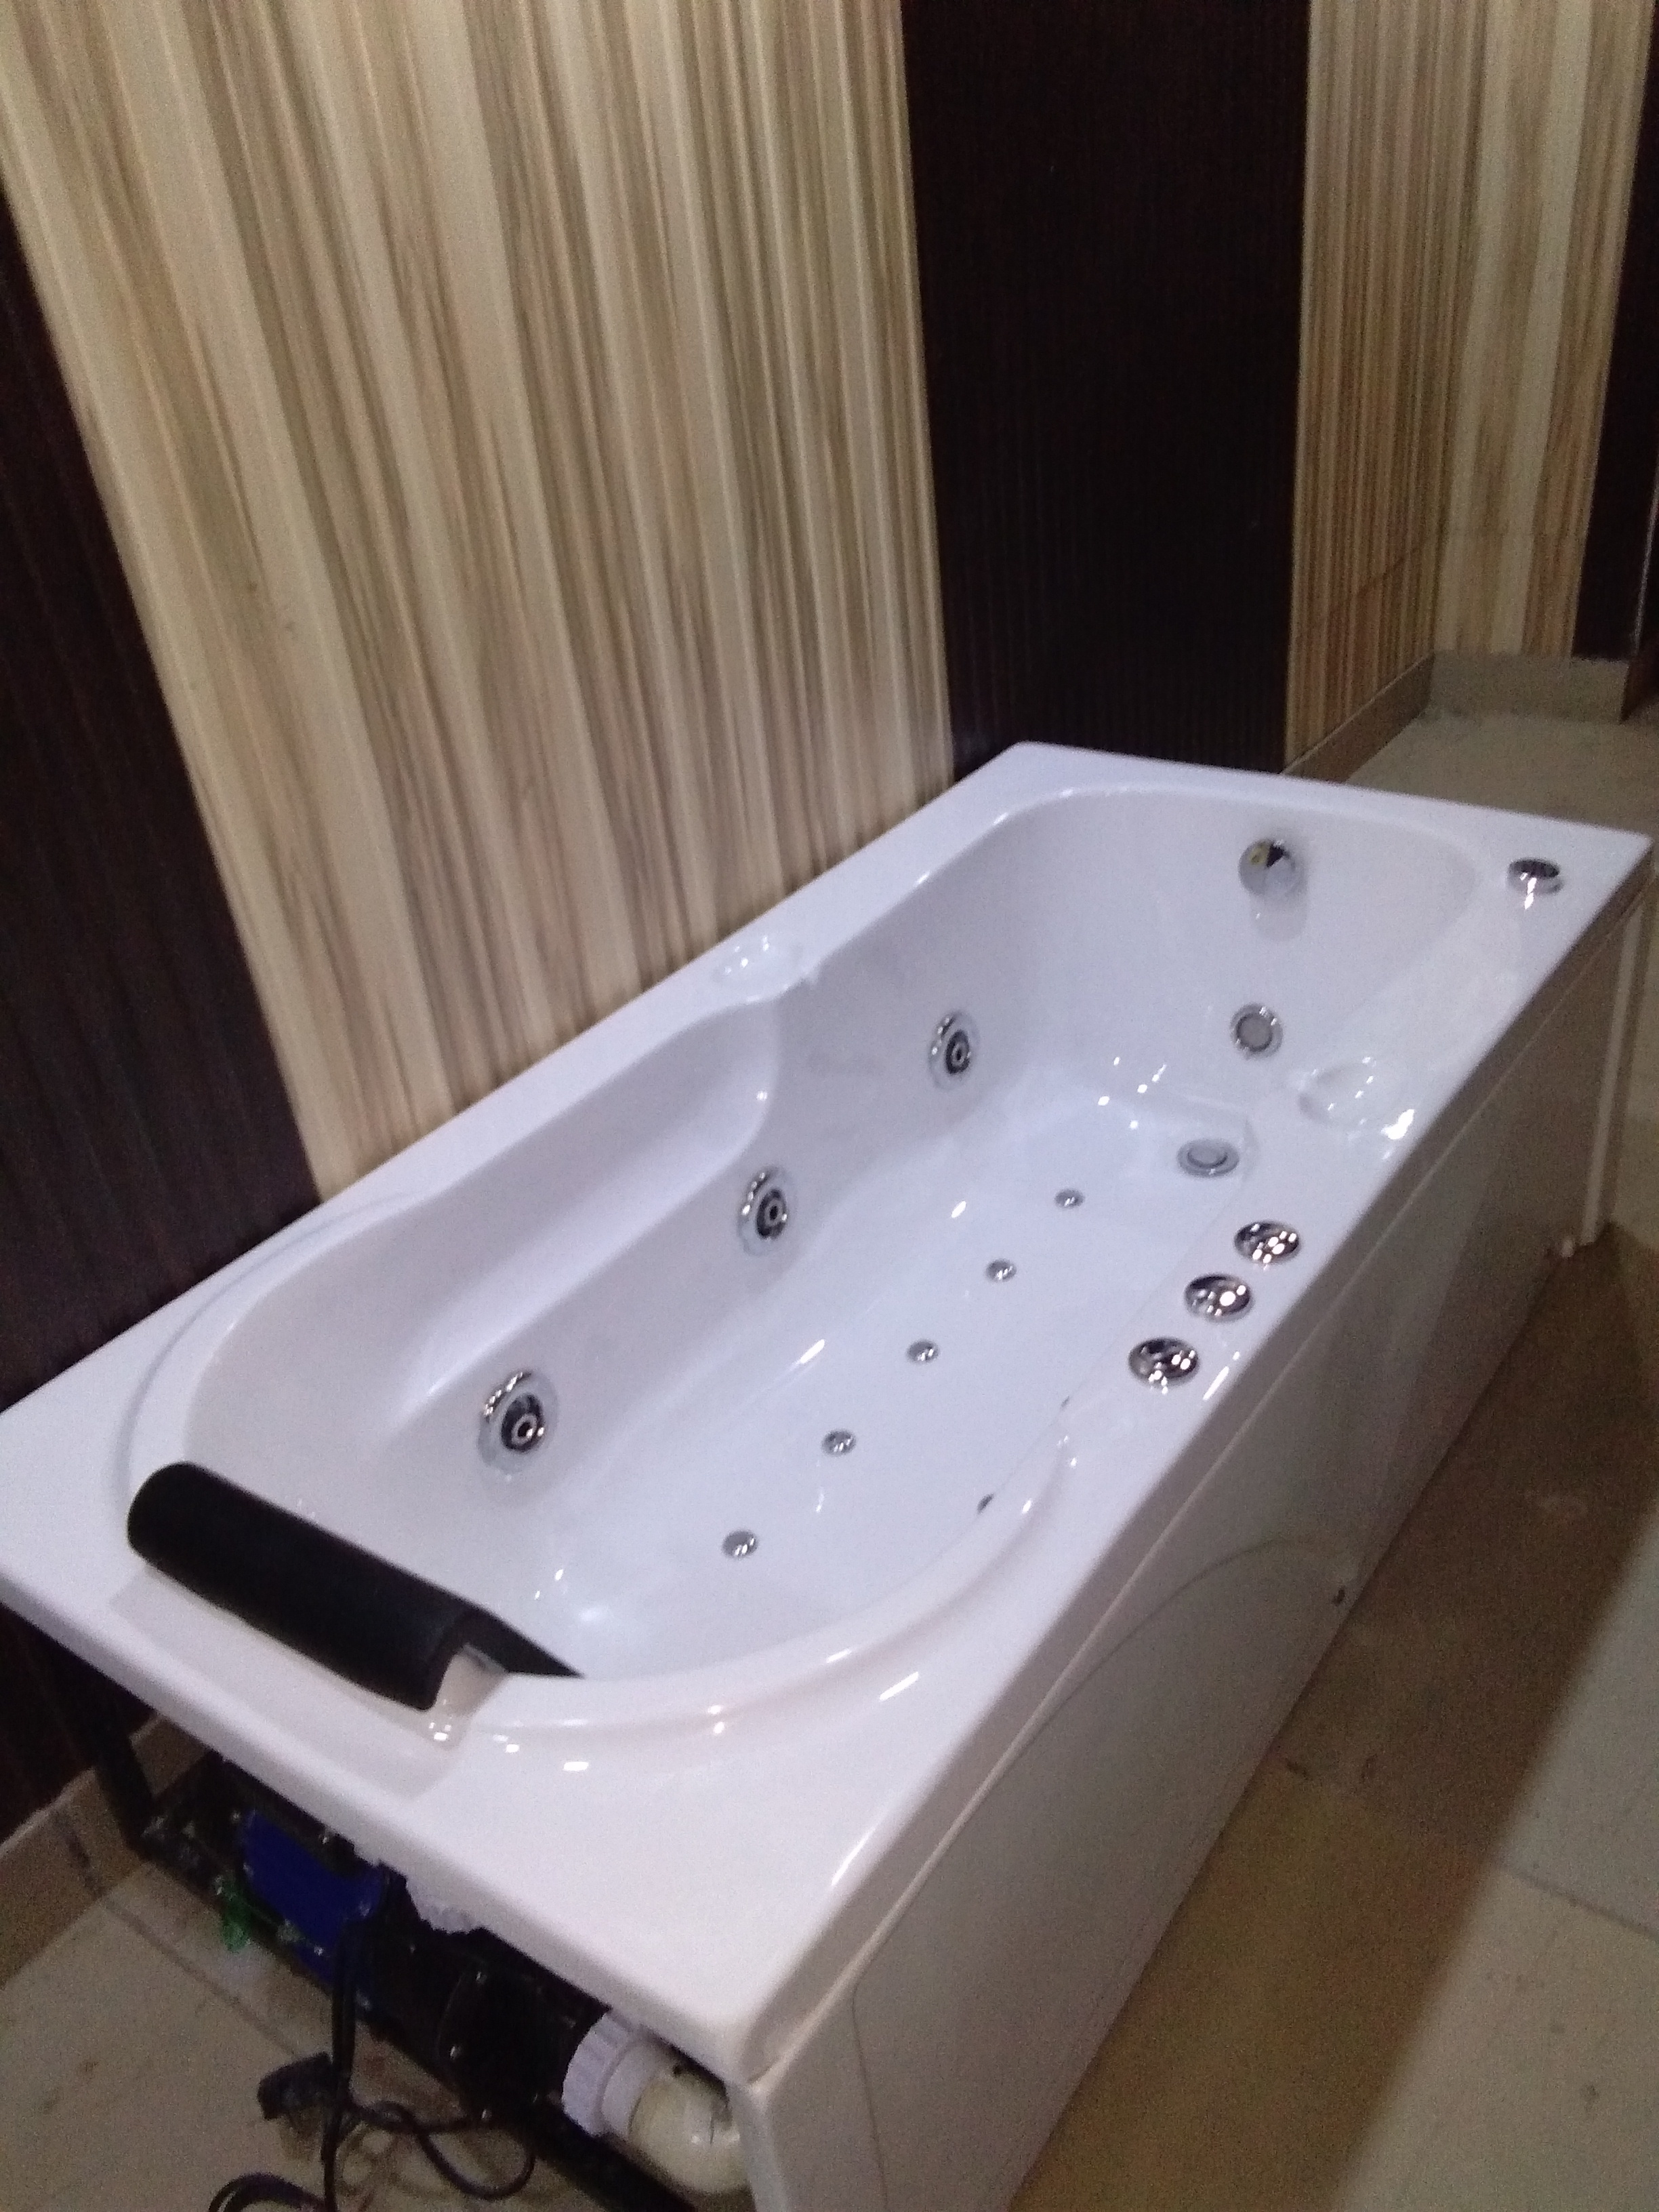 VBL-004 Jacuzzi Bathtubs